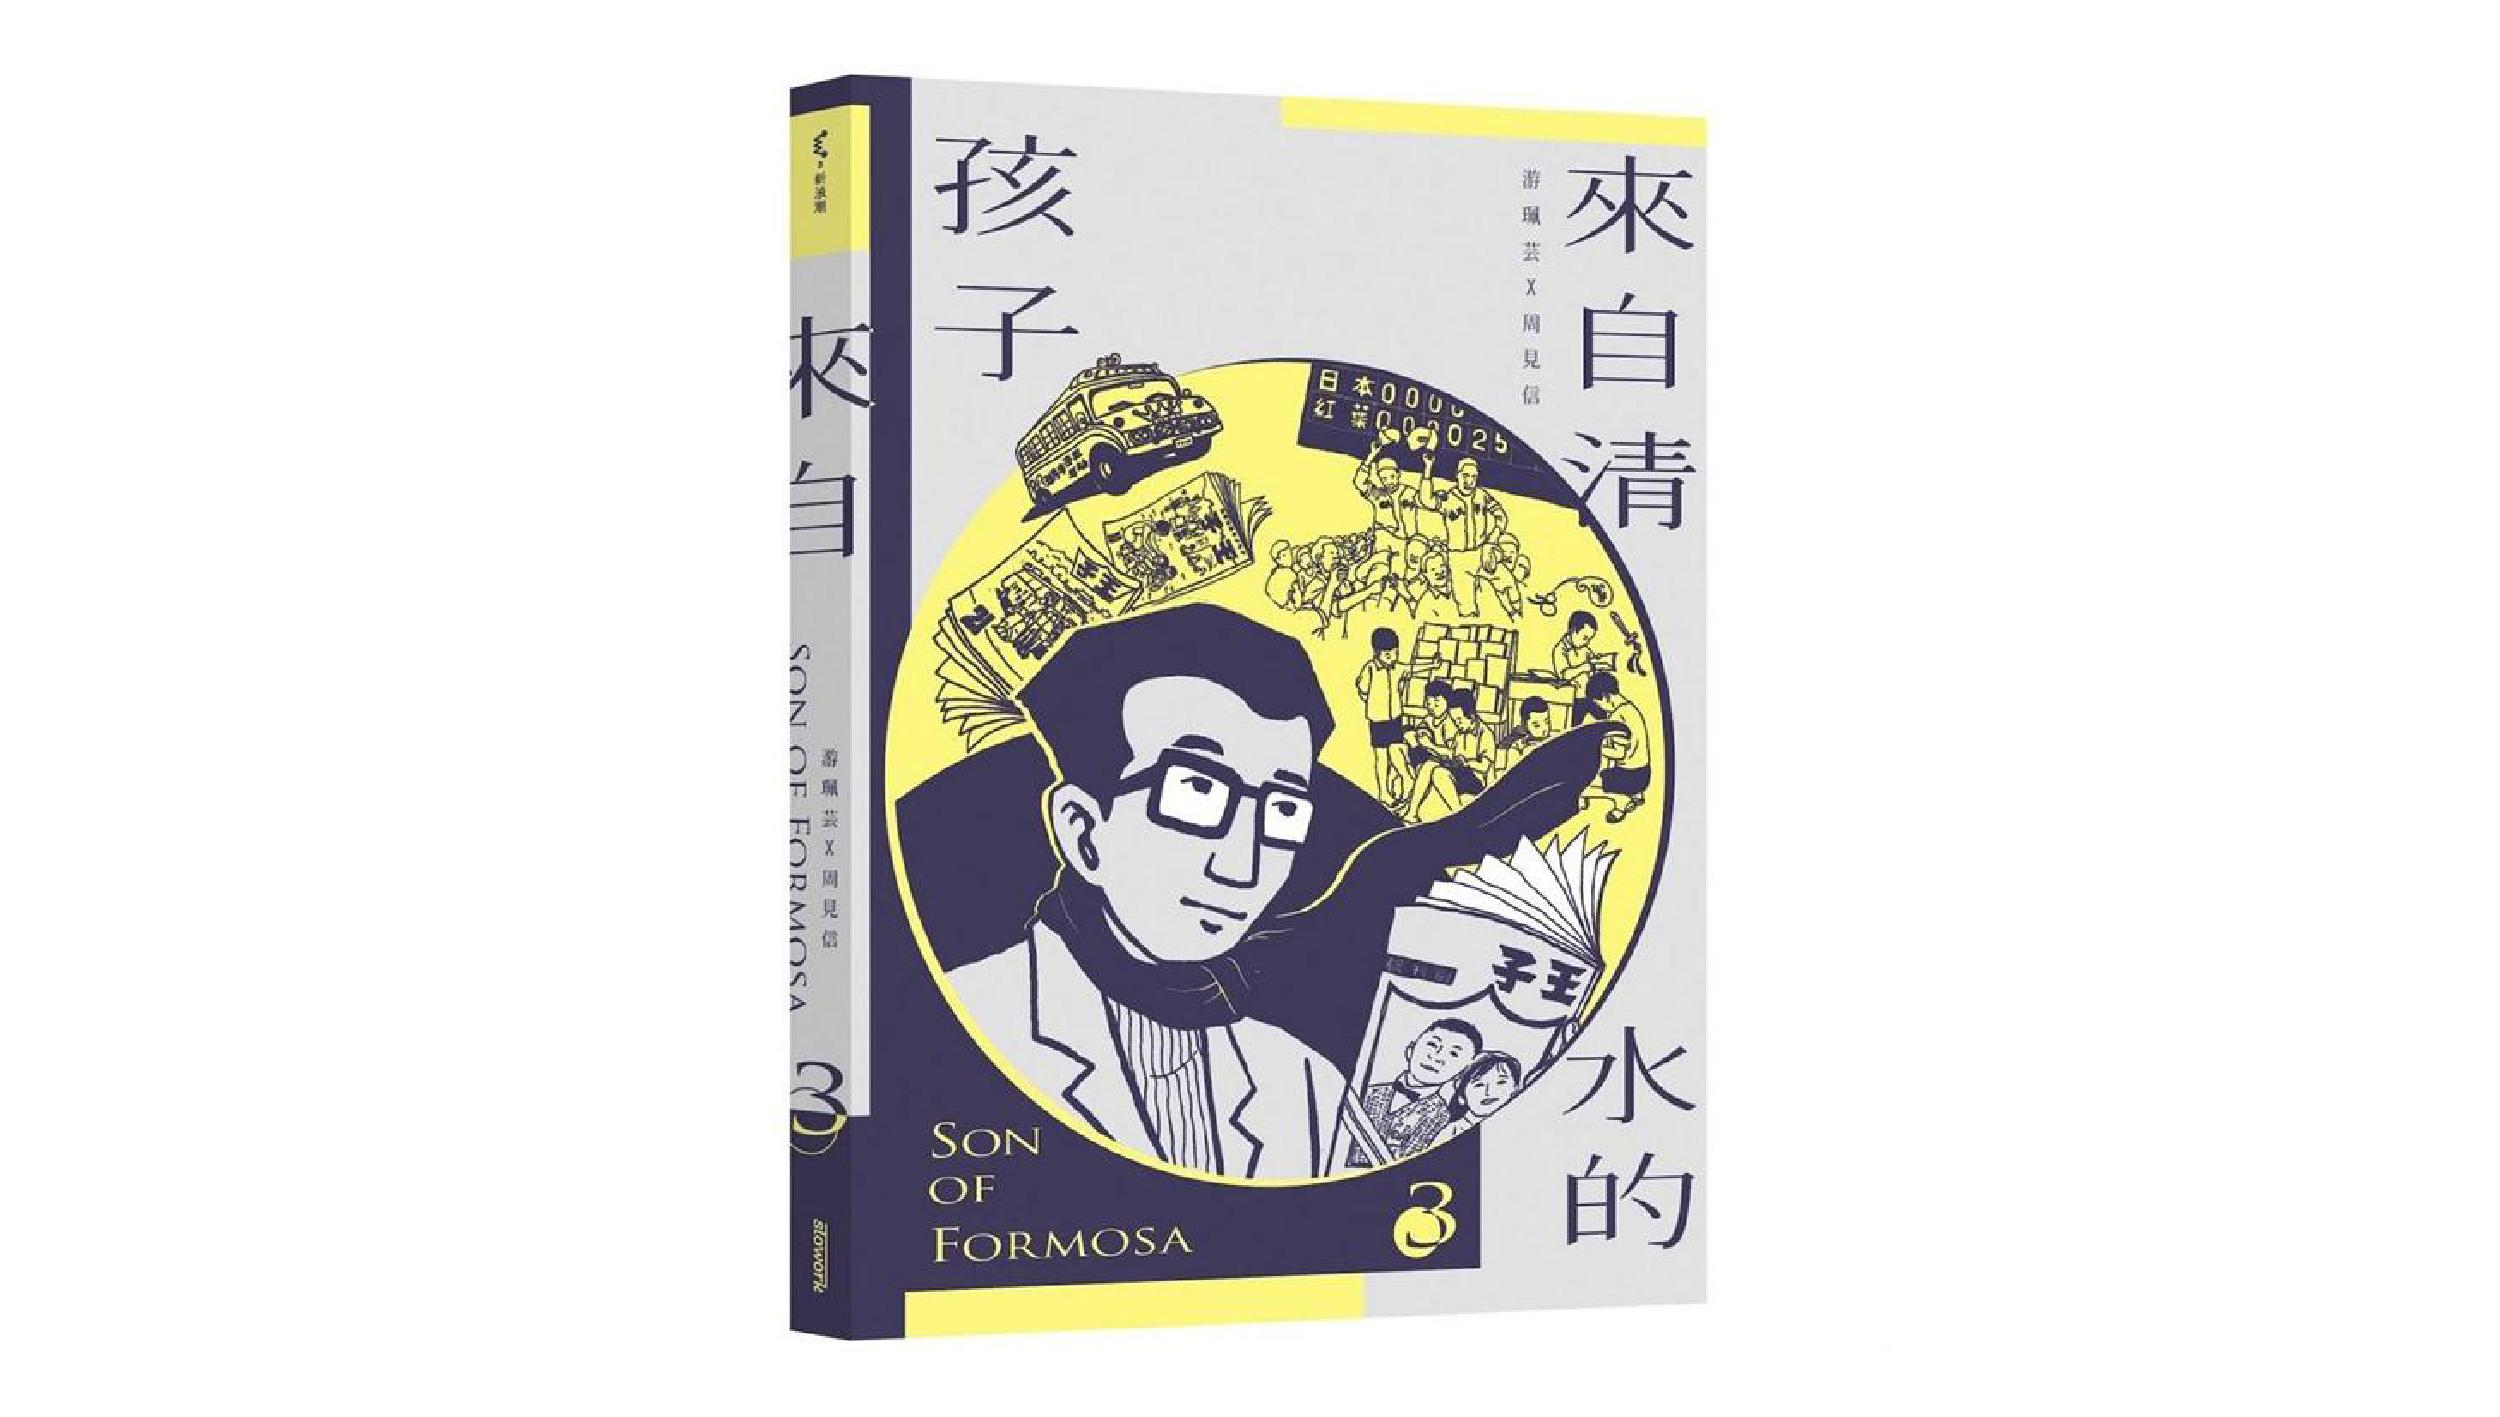 【新書上市】來自清水的孩子 Son of Formosa 3 :《王子》時代